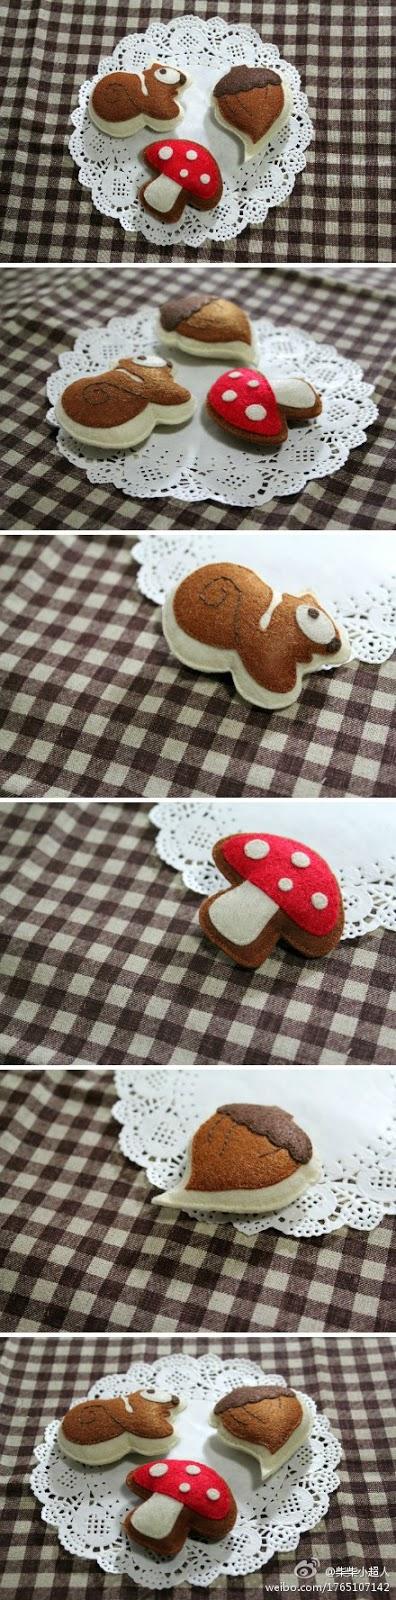 artesanato-feltro-cogumelo